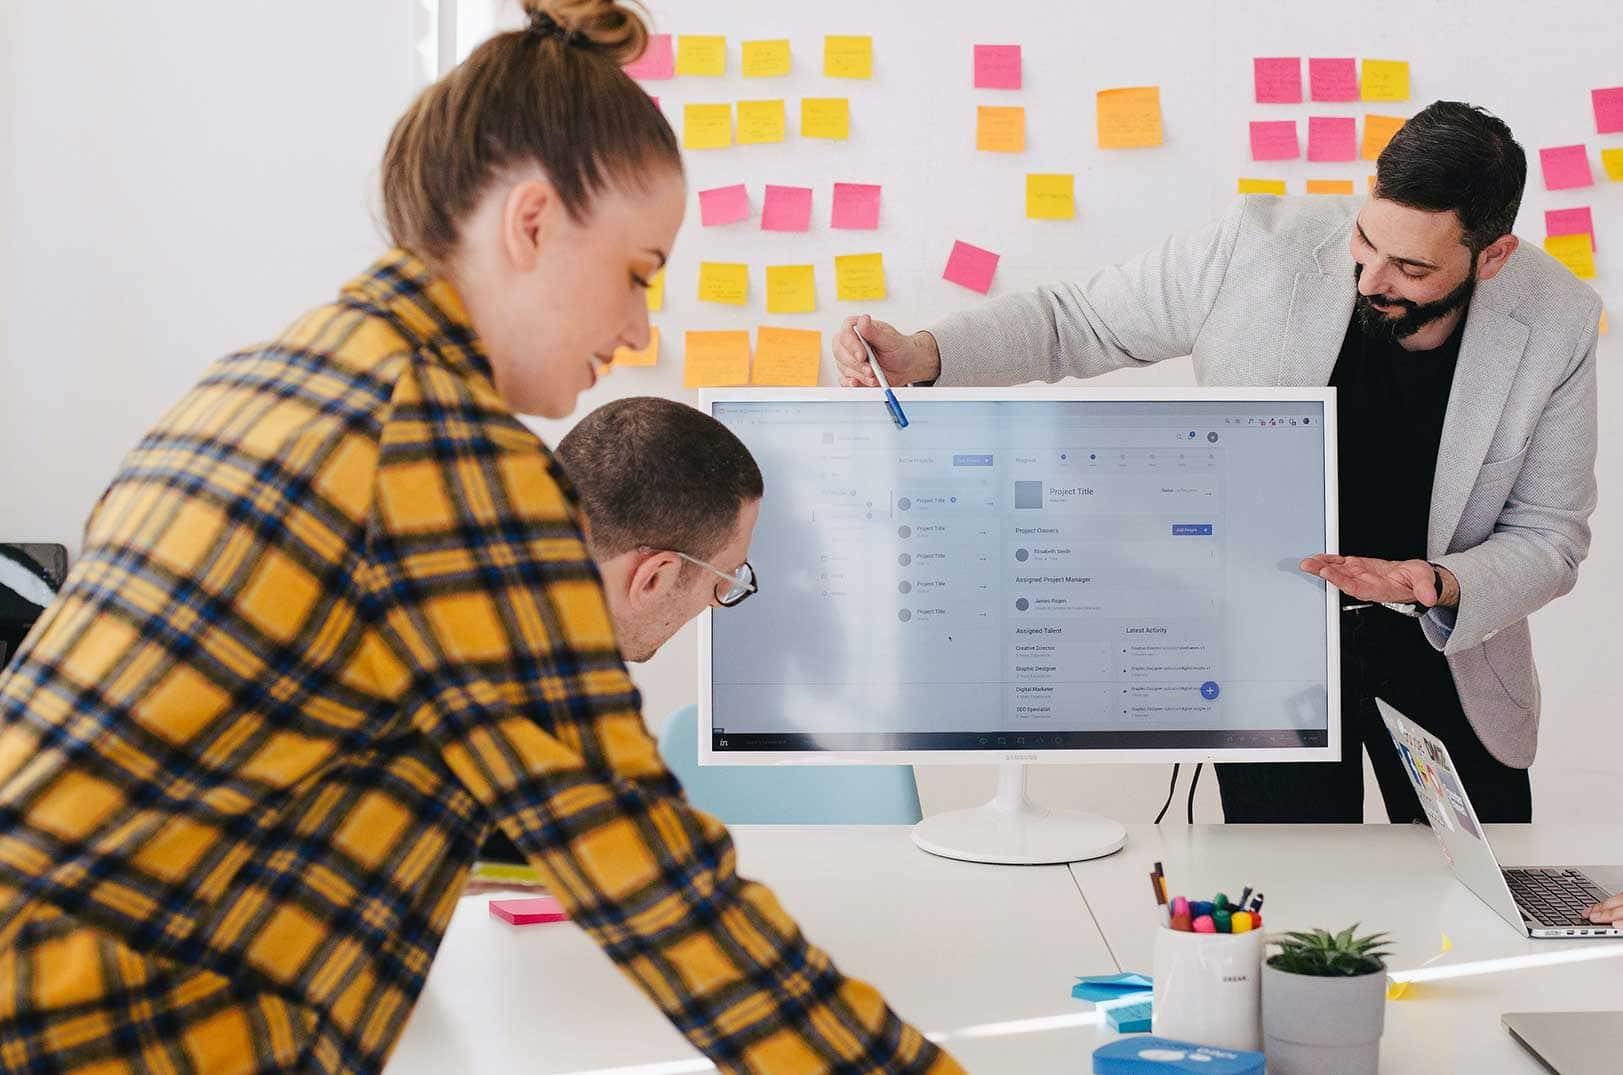 Comment susciter l'esprit d'initiative dans votre entreprise ?